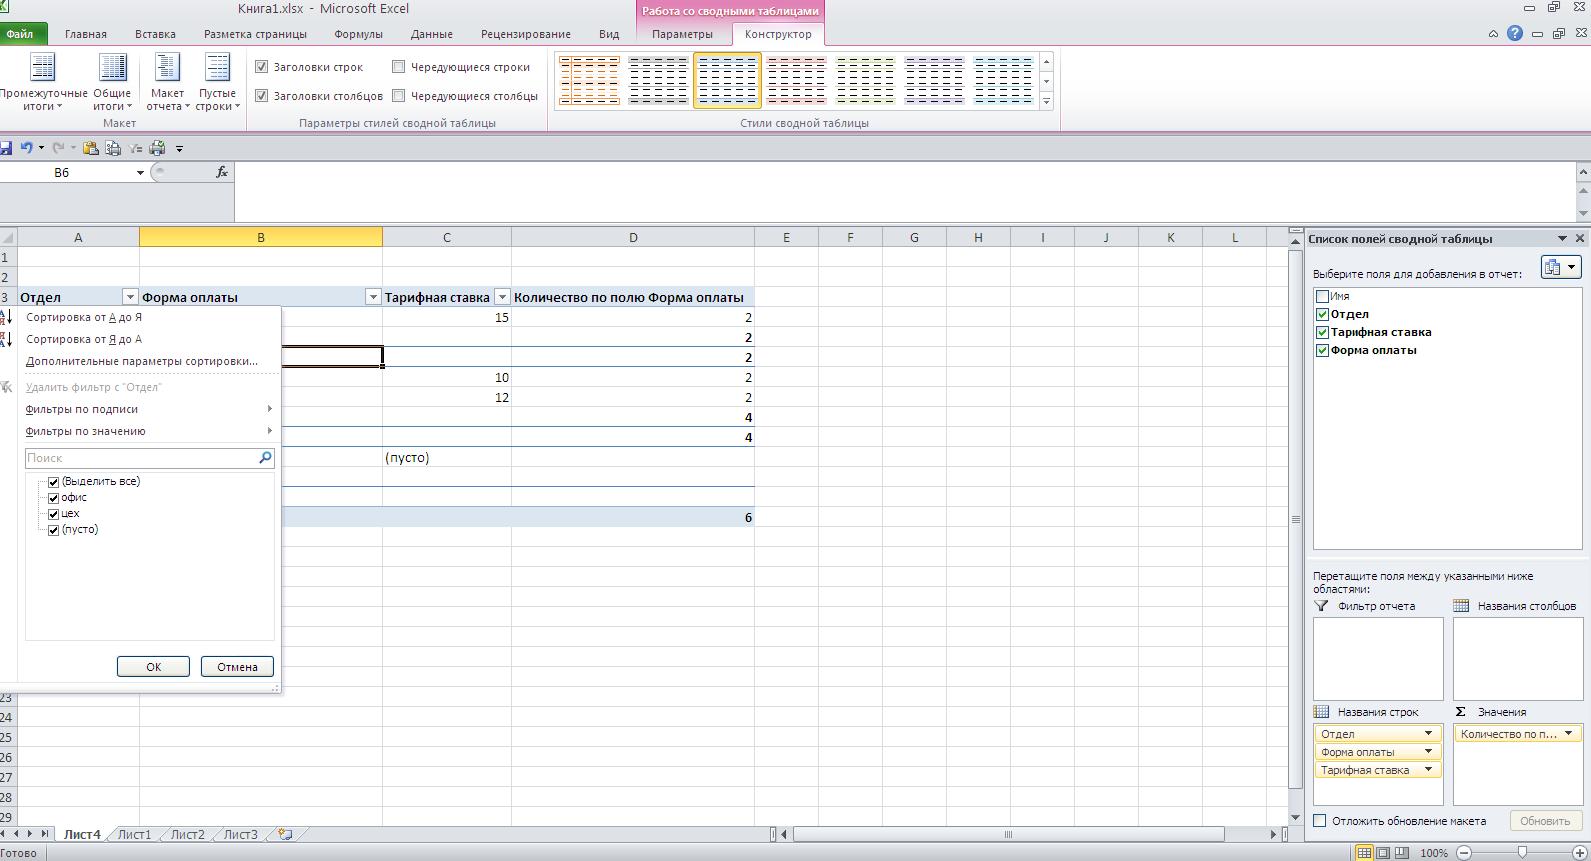 Форма ввода данных в список Excel - fo 58